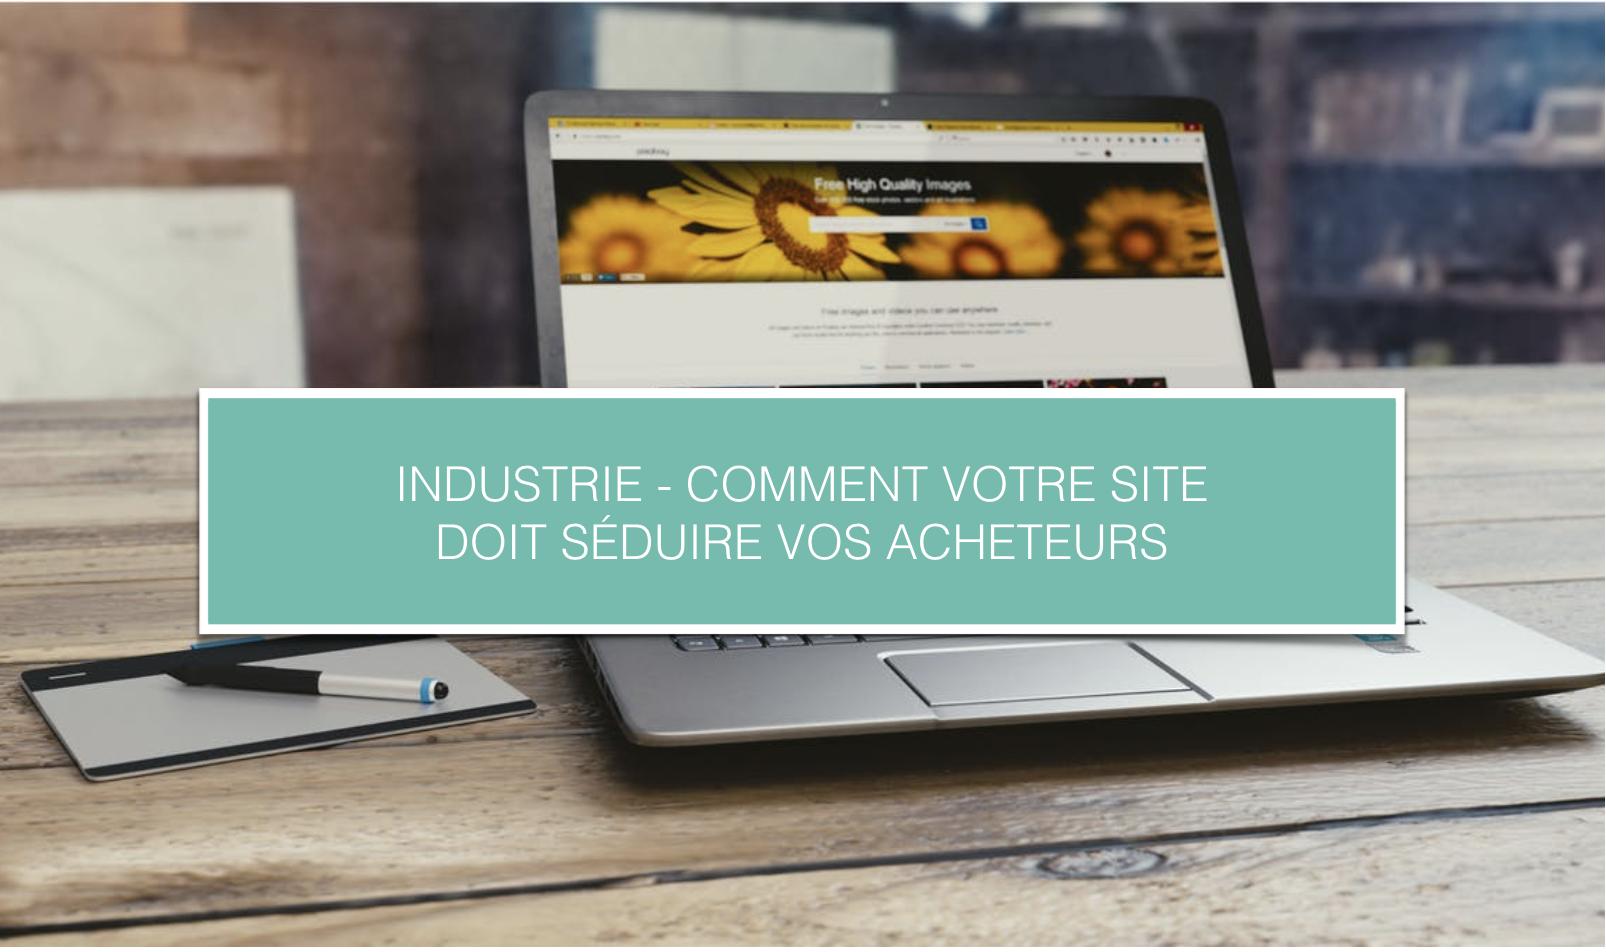 Industrie_Comment votre site doit seduire vos acheteurs.png